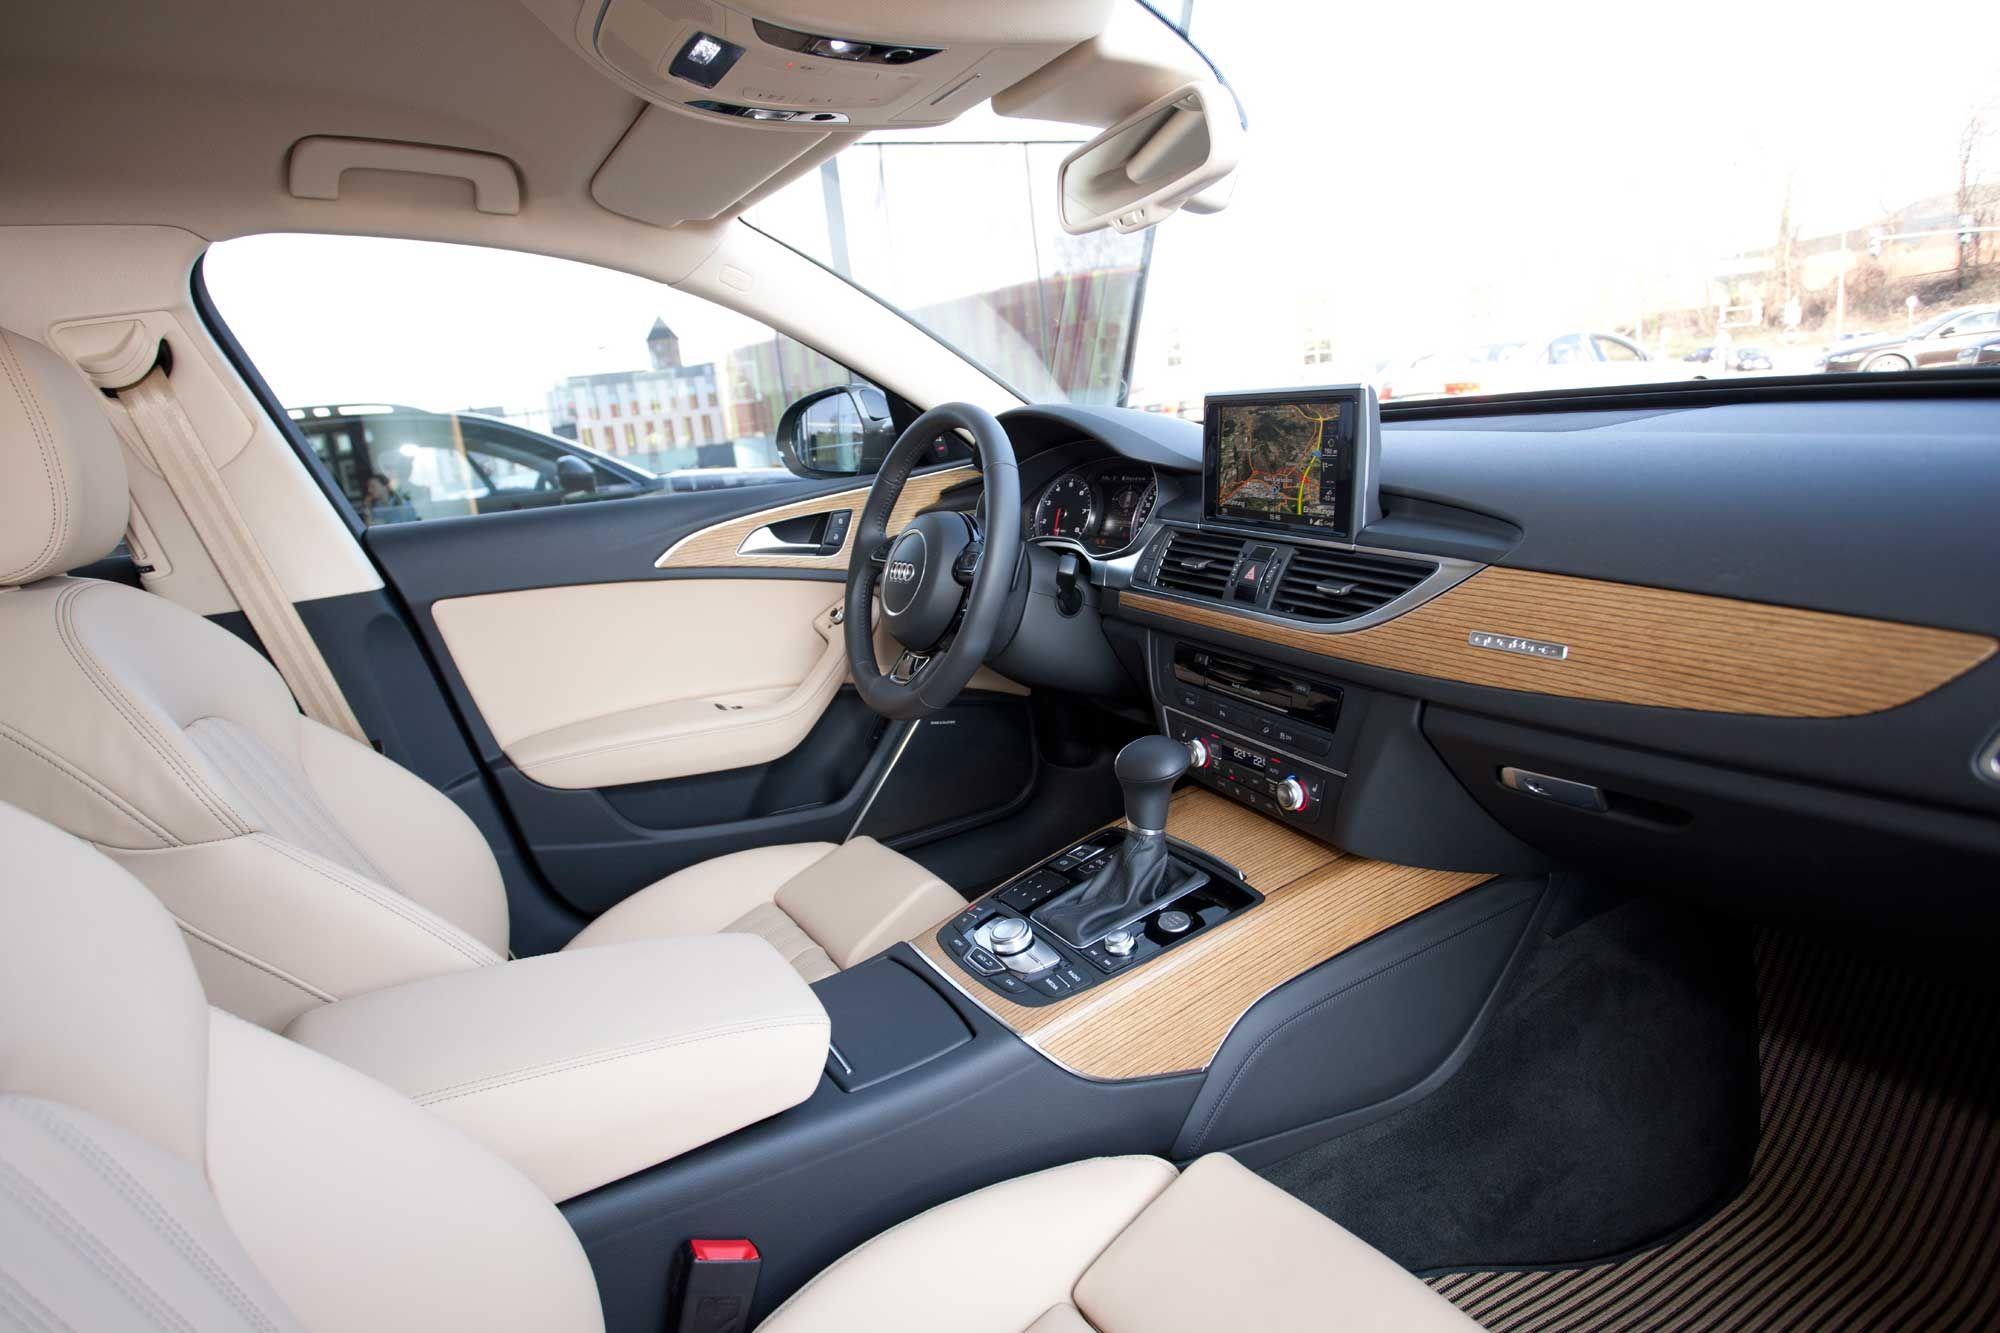 2013 Audi A6 Allroad Estate White Car Interior Audi A6 Allroad